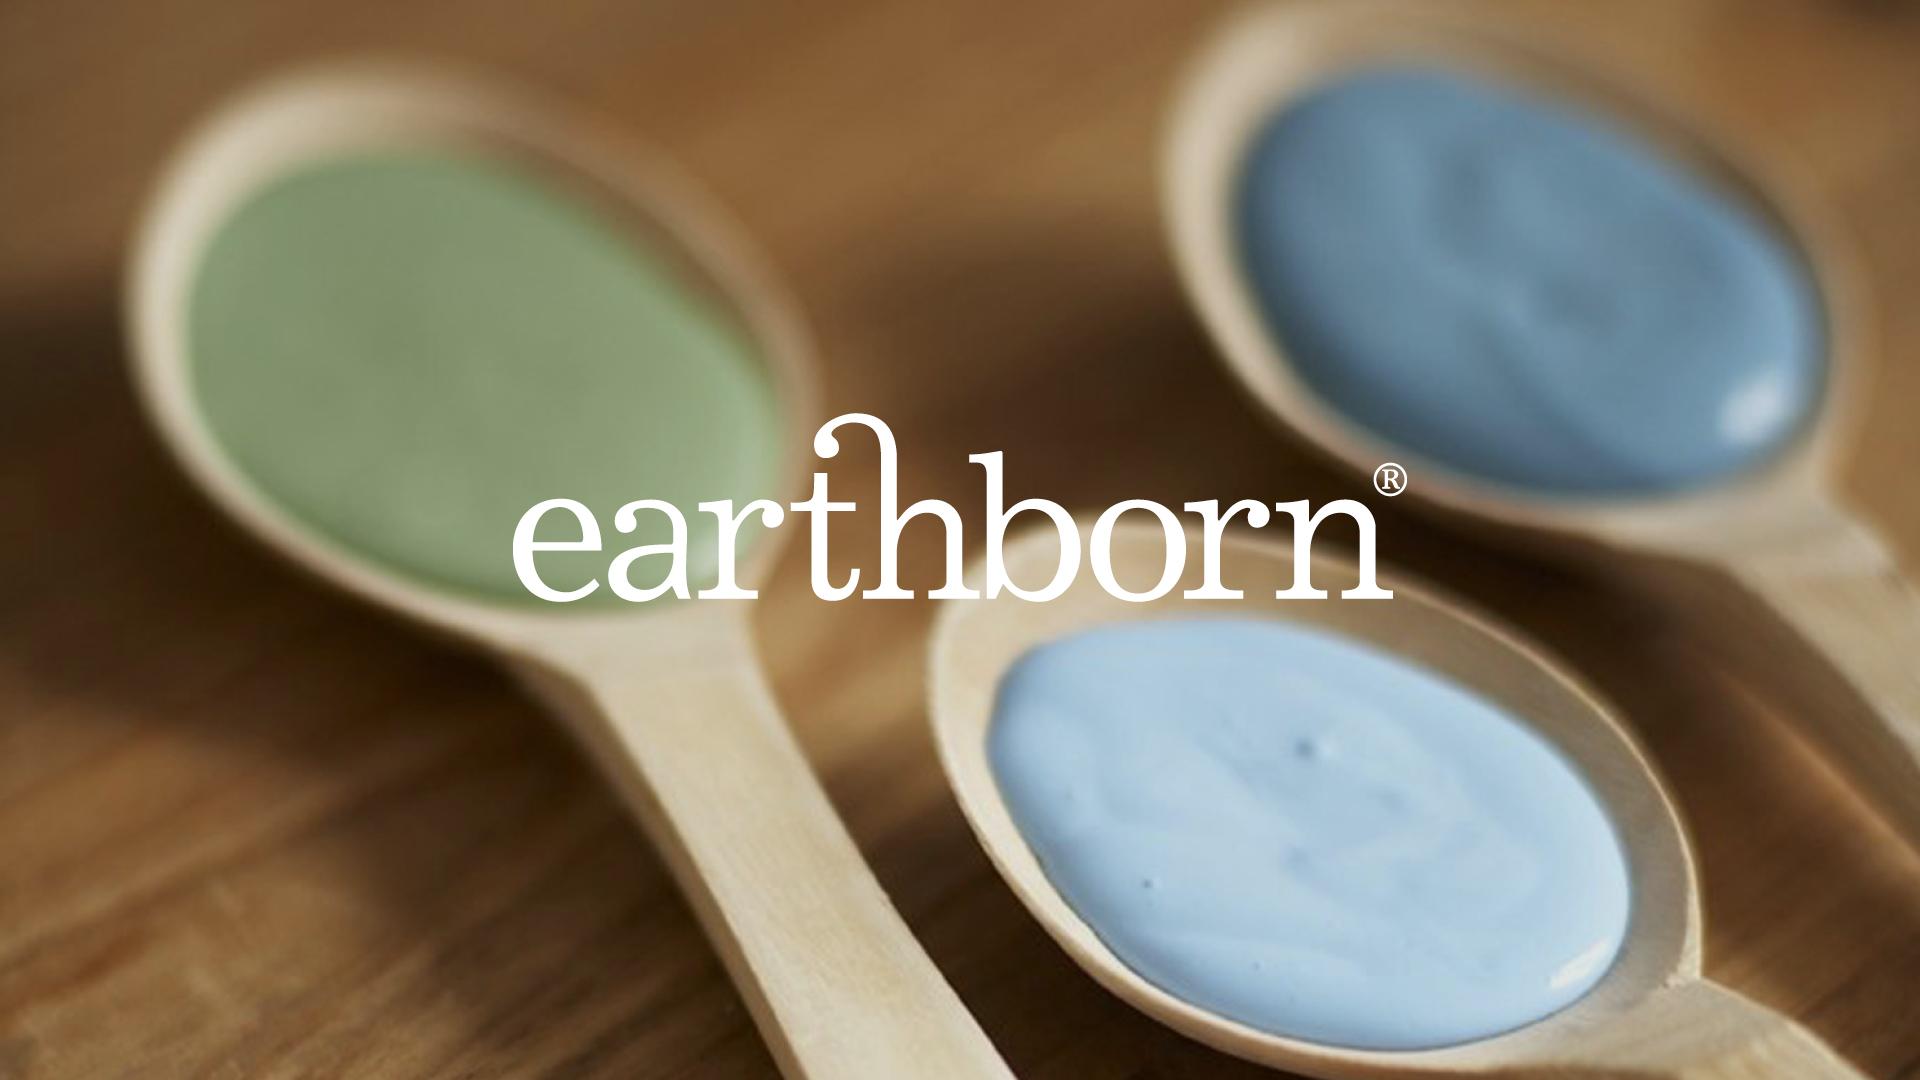 Eco Paint Company Brand Identity